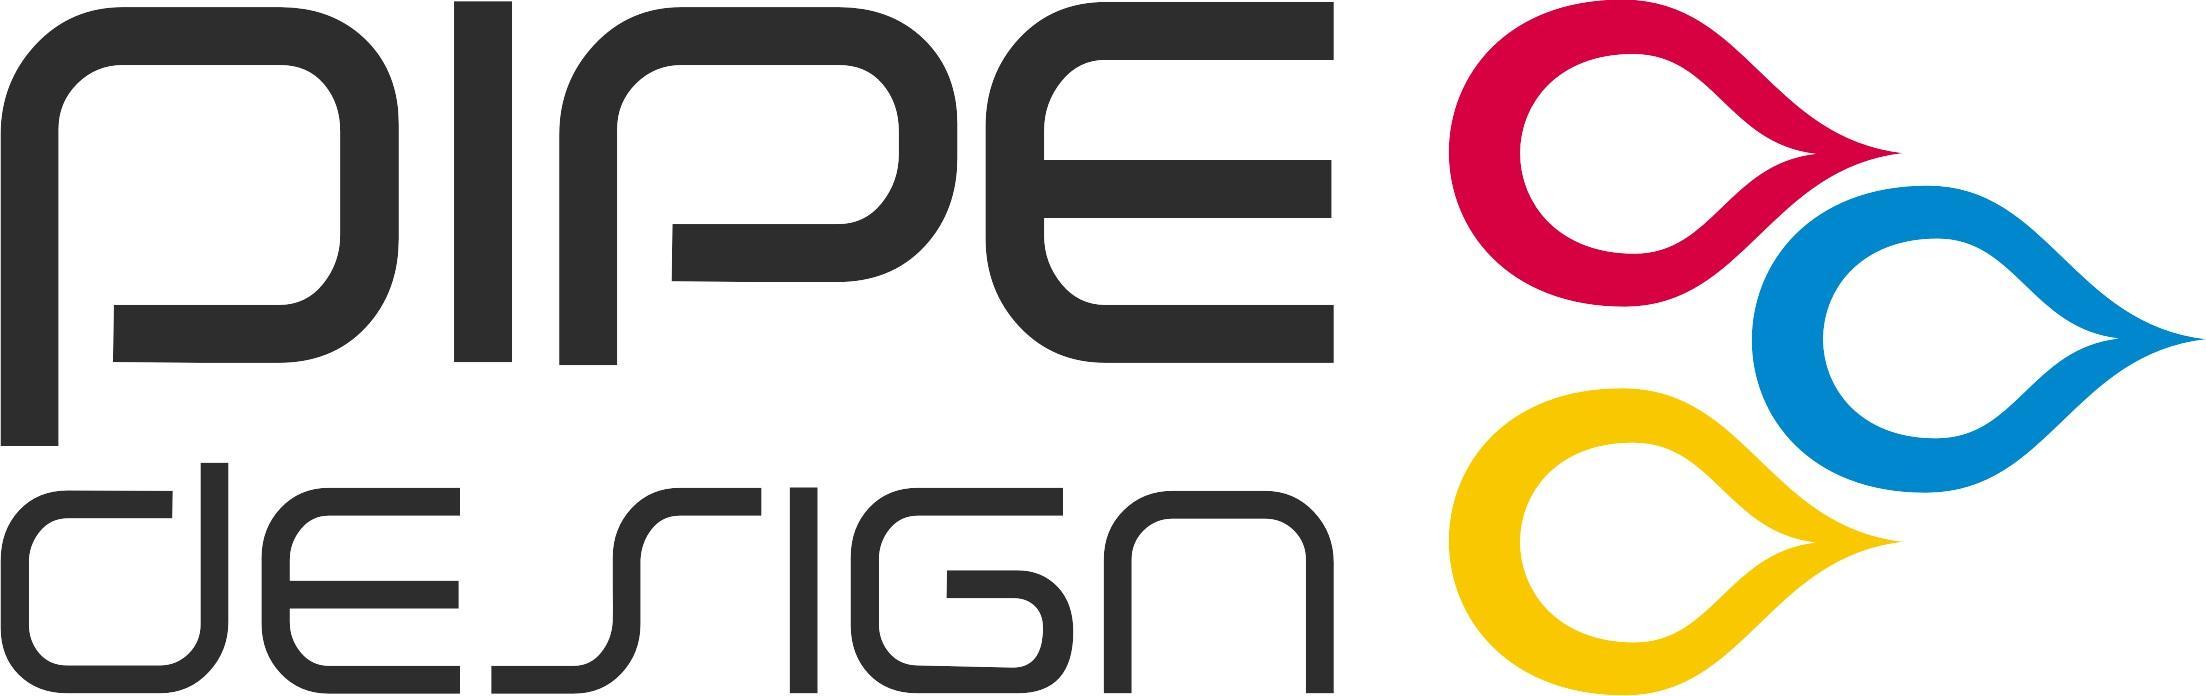 Locuri de munca Pipe Design srl